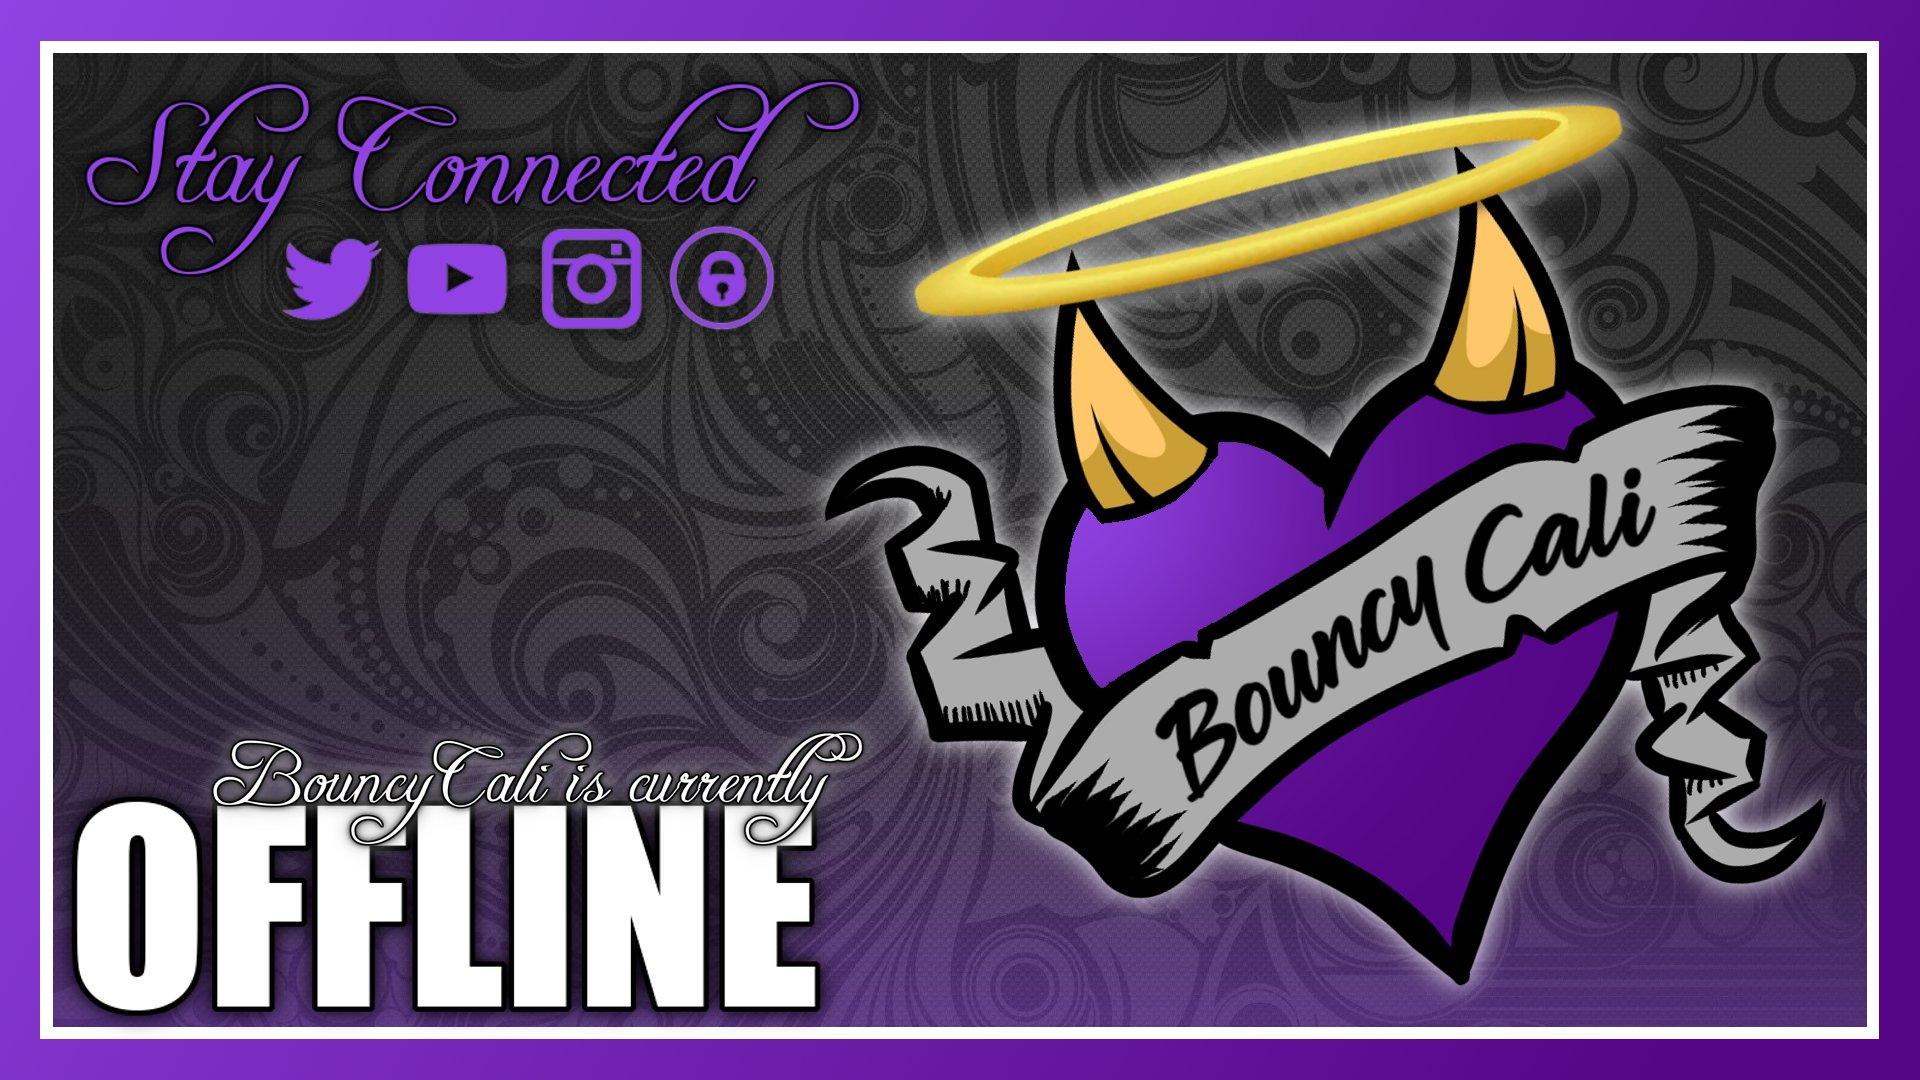 Twitch stream of BouncyCali